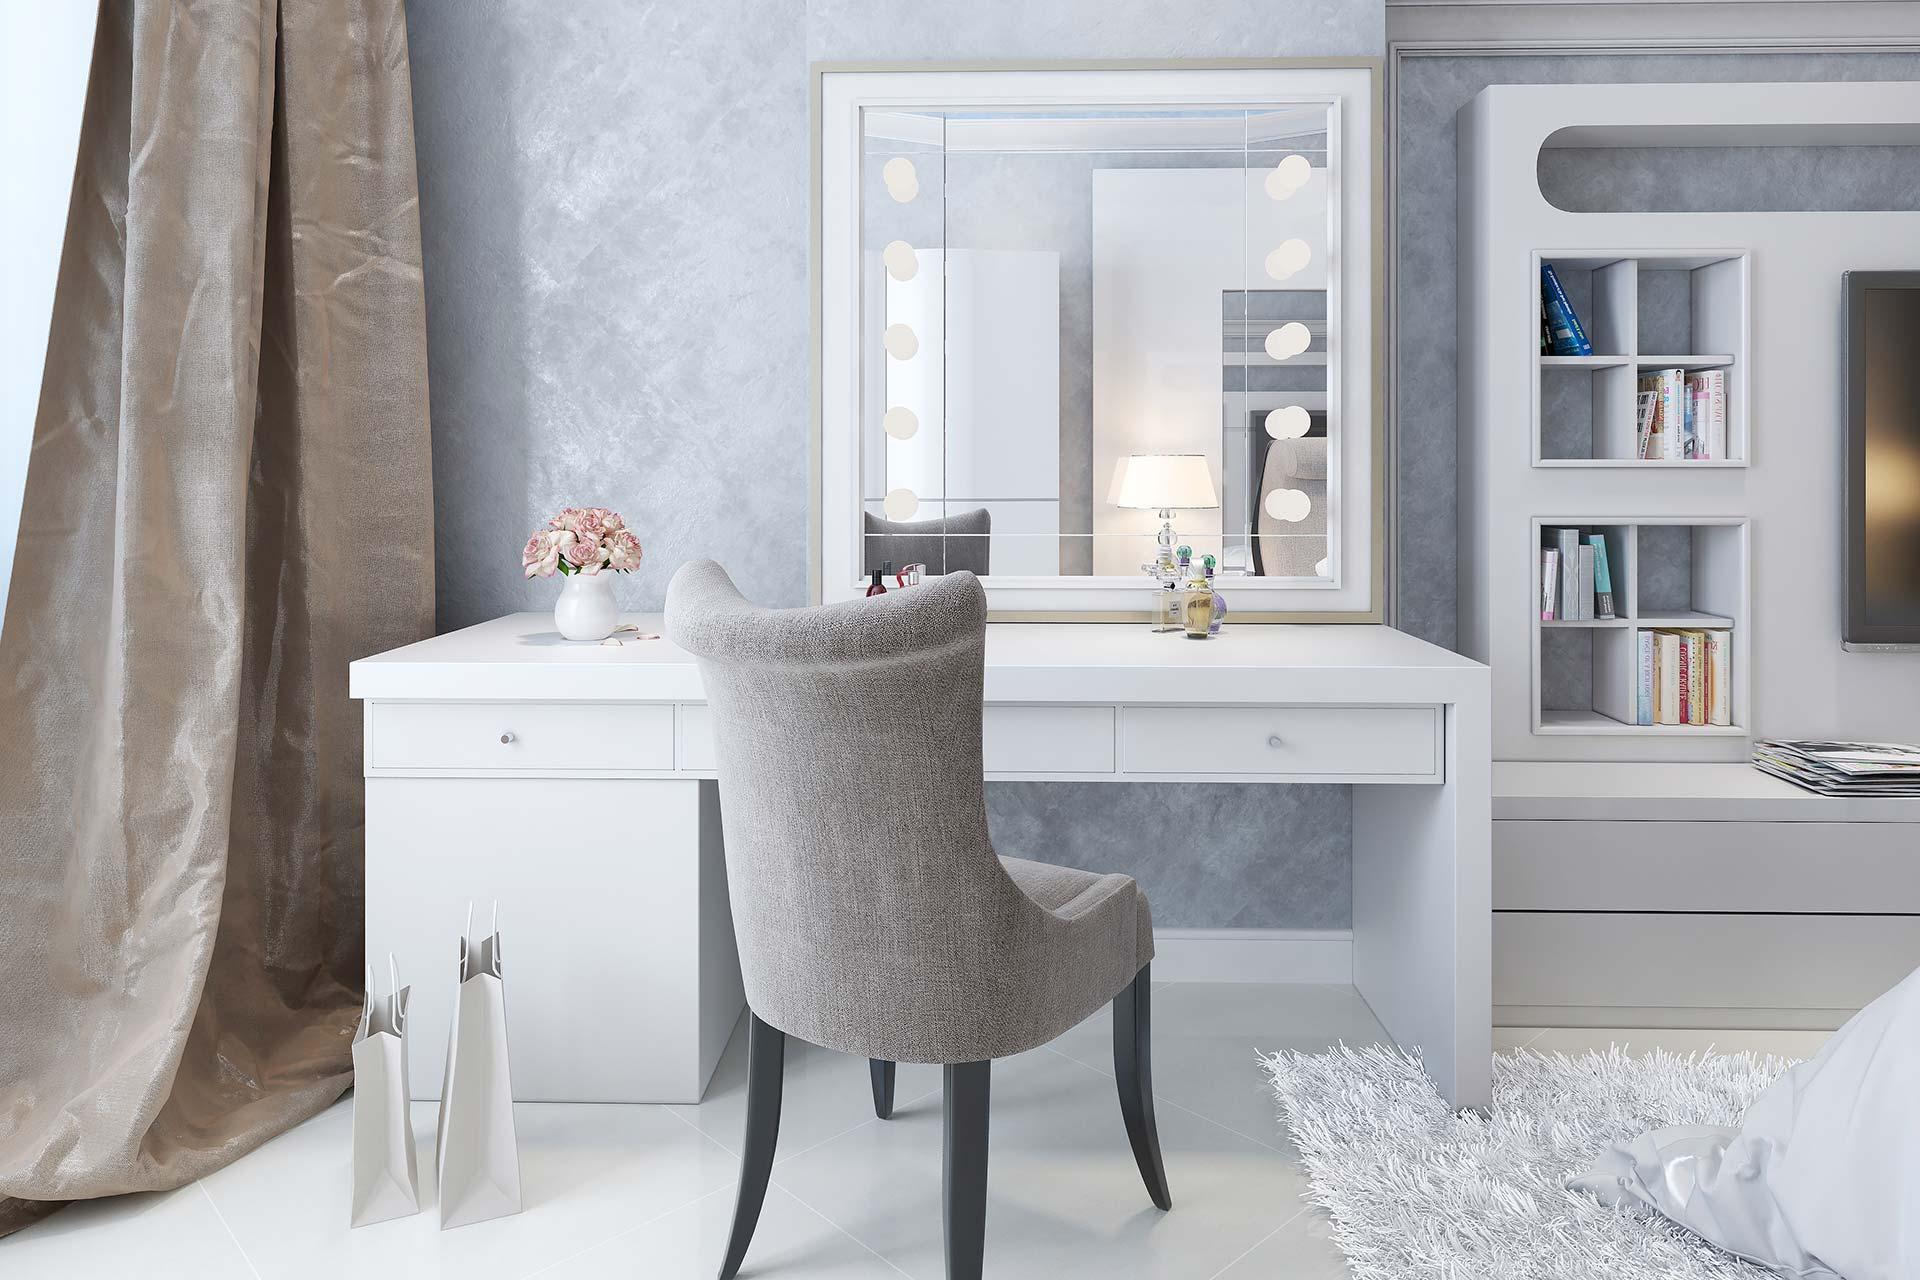 Tapeten & Farben - Luxuriöses Schlafzimmer mit dekorativer Textiltapete